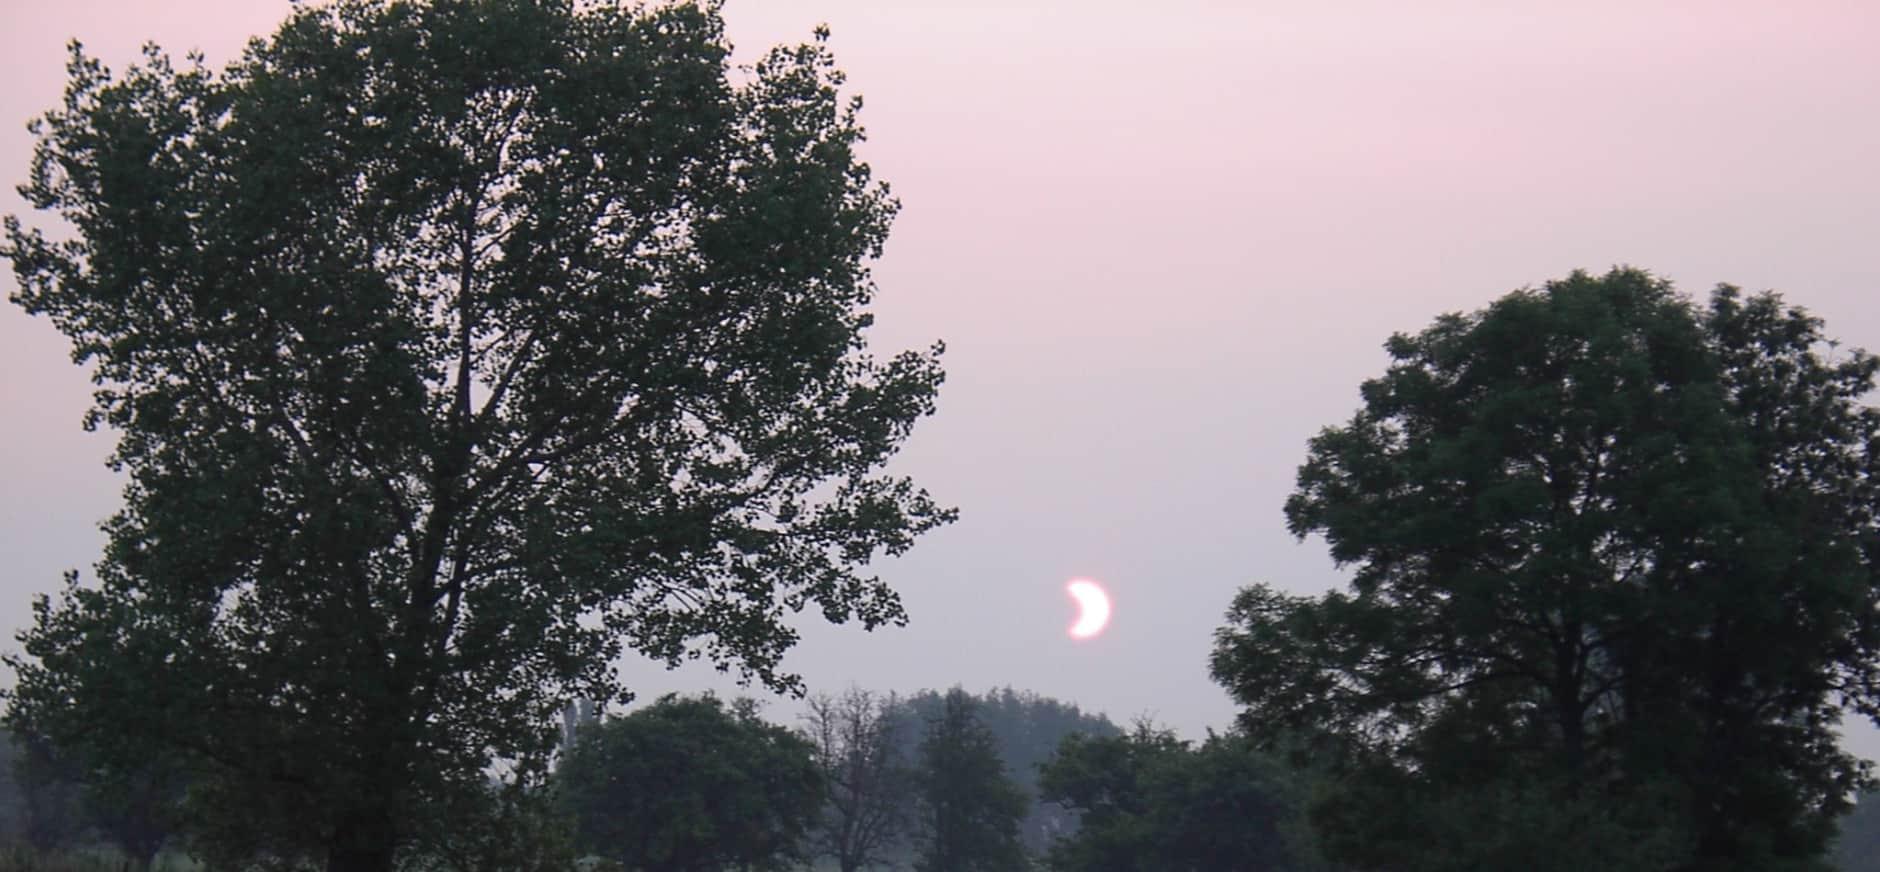 Beleef de zonsverduistering op de Nieuwkoopse Plassen